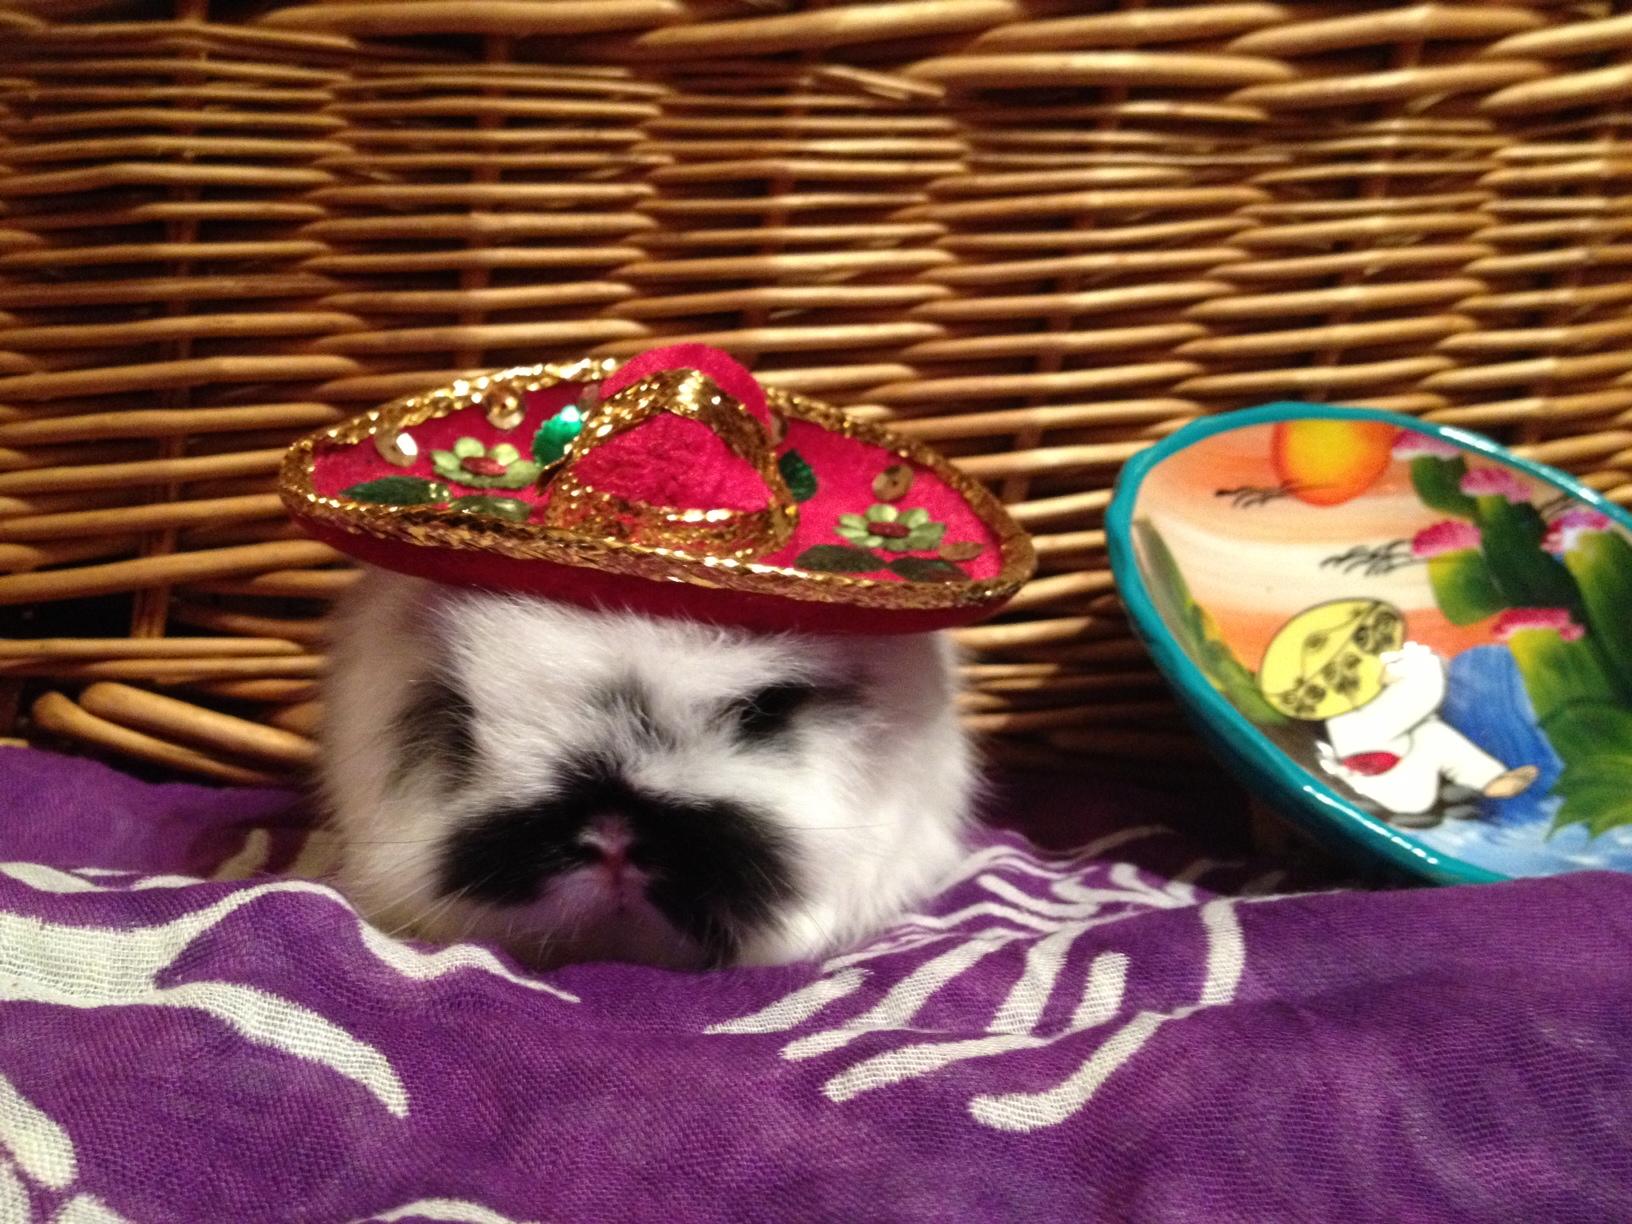 Bunny Has a Bunny-Sized Sombrero